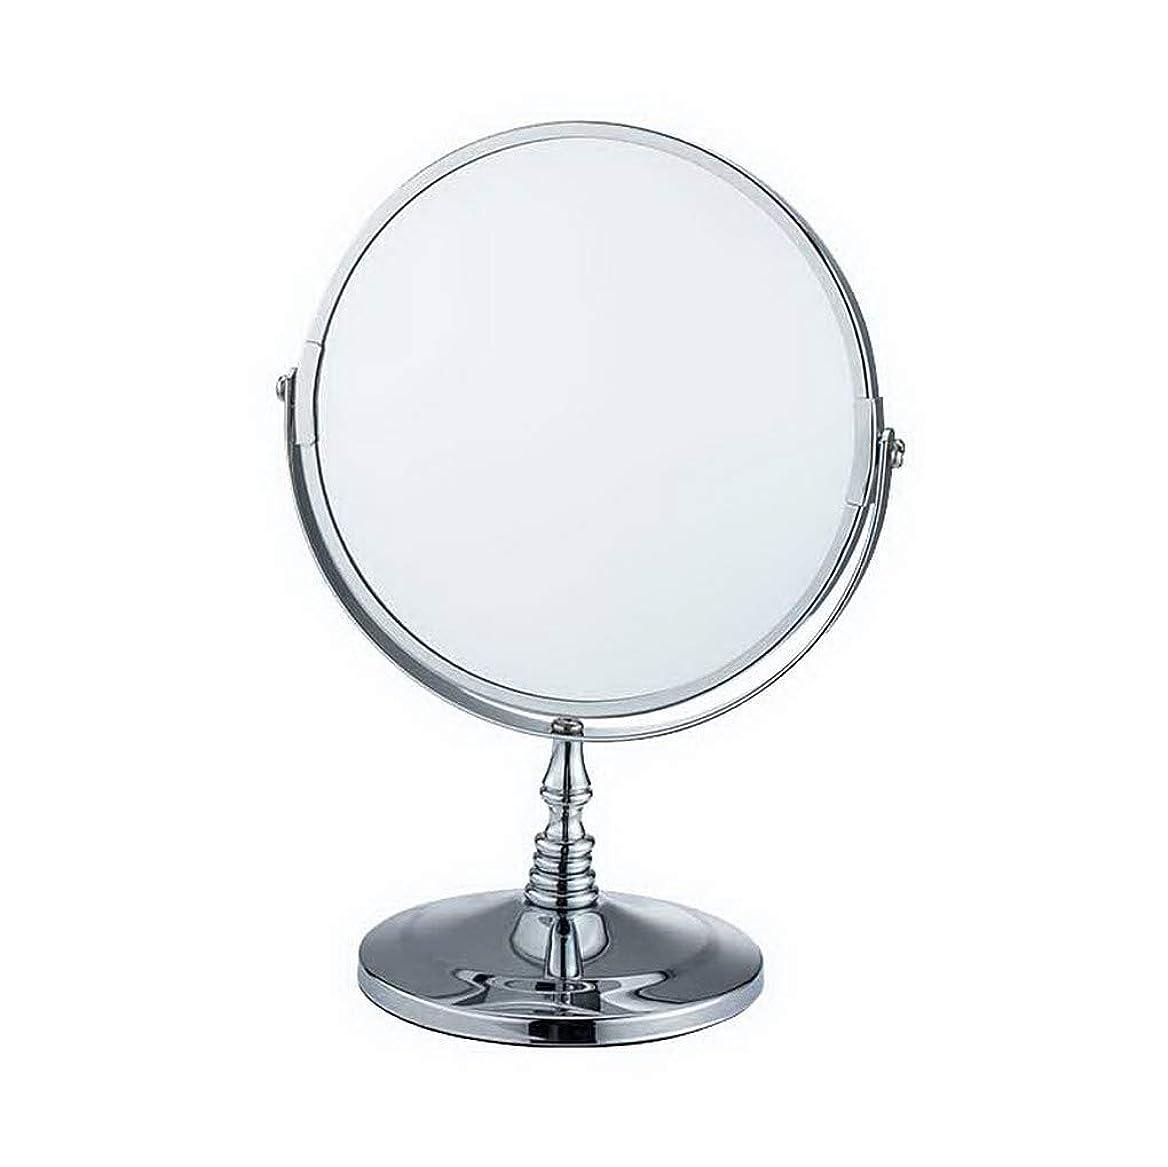 ホームレス虫を数えるキリスト教ACMEDE 化粧鏡 卓上鏡 鏡 拡大鏡 卓上 led付き 折りたたみ 2倍&3倍&5倍 明るさ調節可能 360°回転 メイク道具 両面化粧鏡 洋式アームミラー